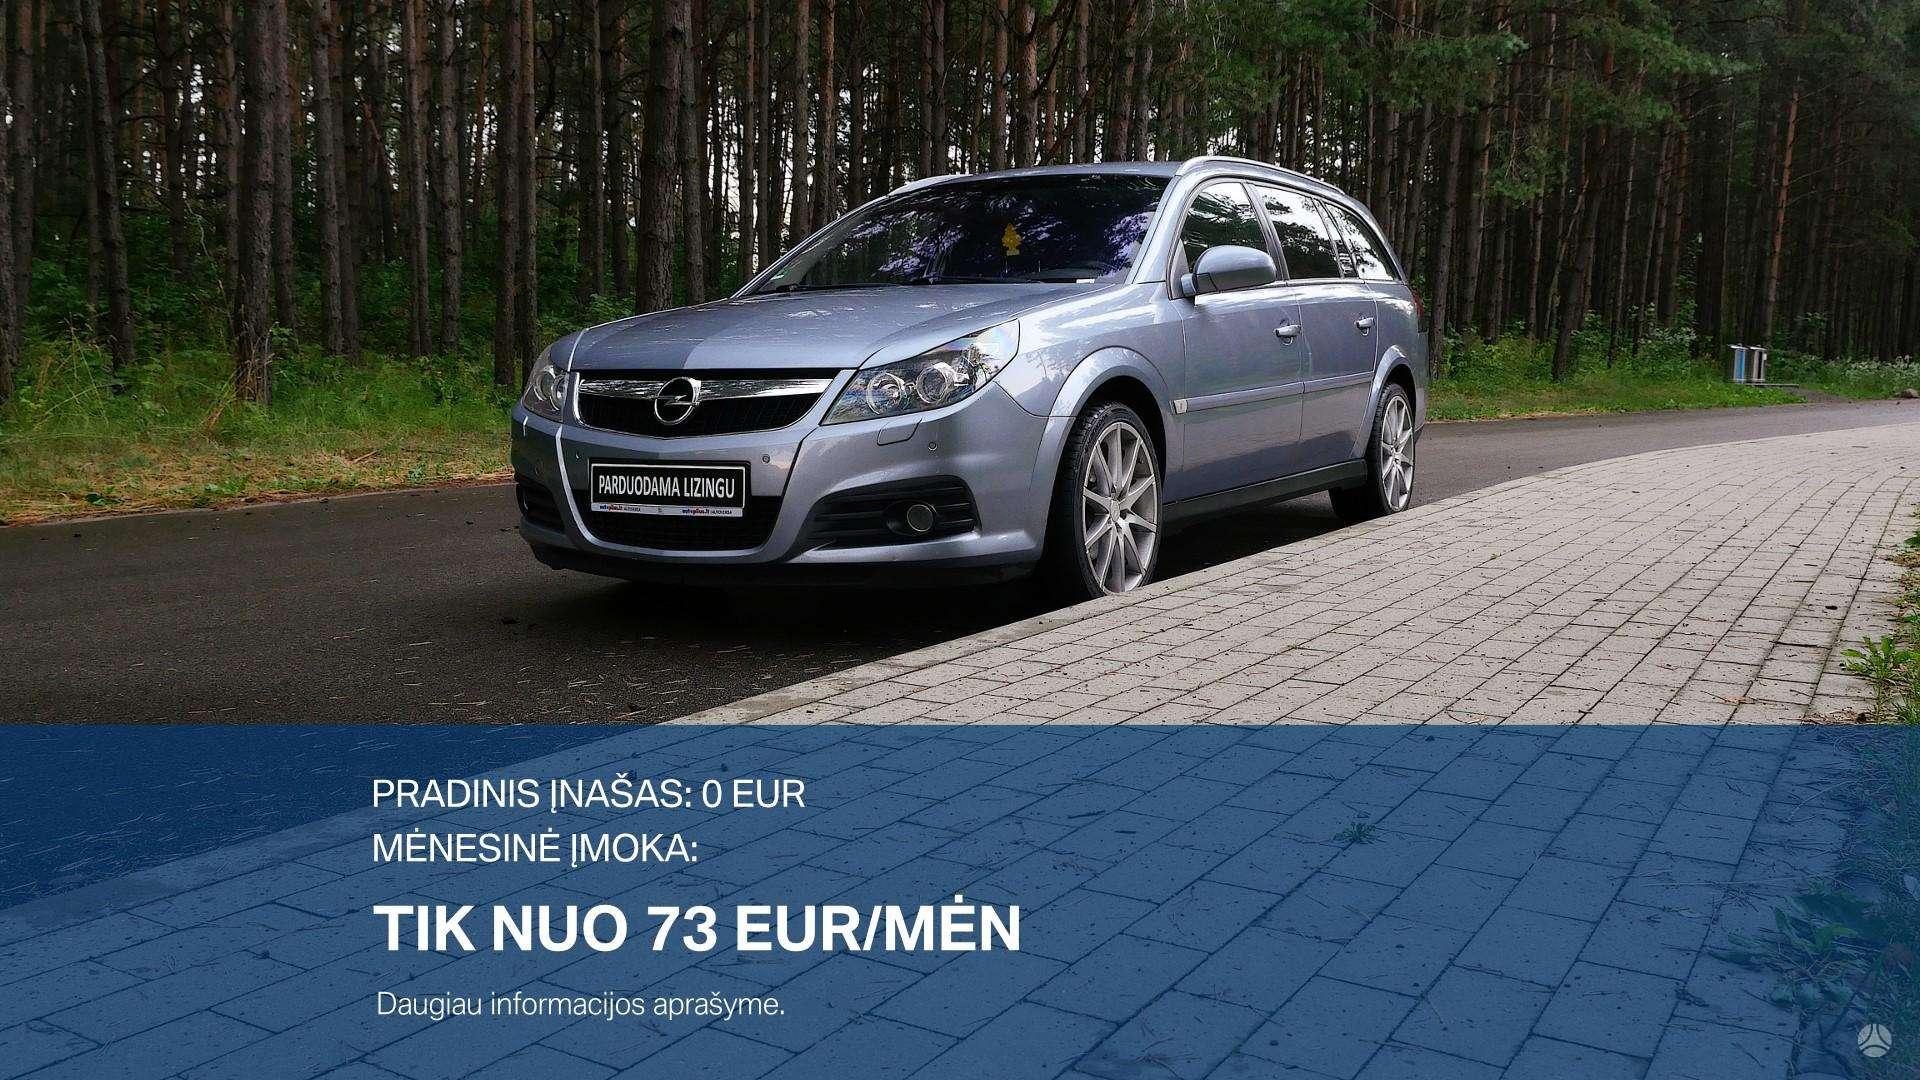 Opel Vectra išsimokėtinai nuo 73Eur/Mėn su 3 mėnesių garantija